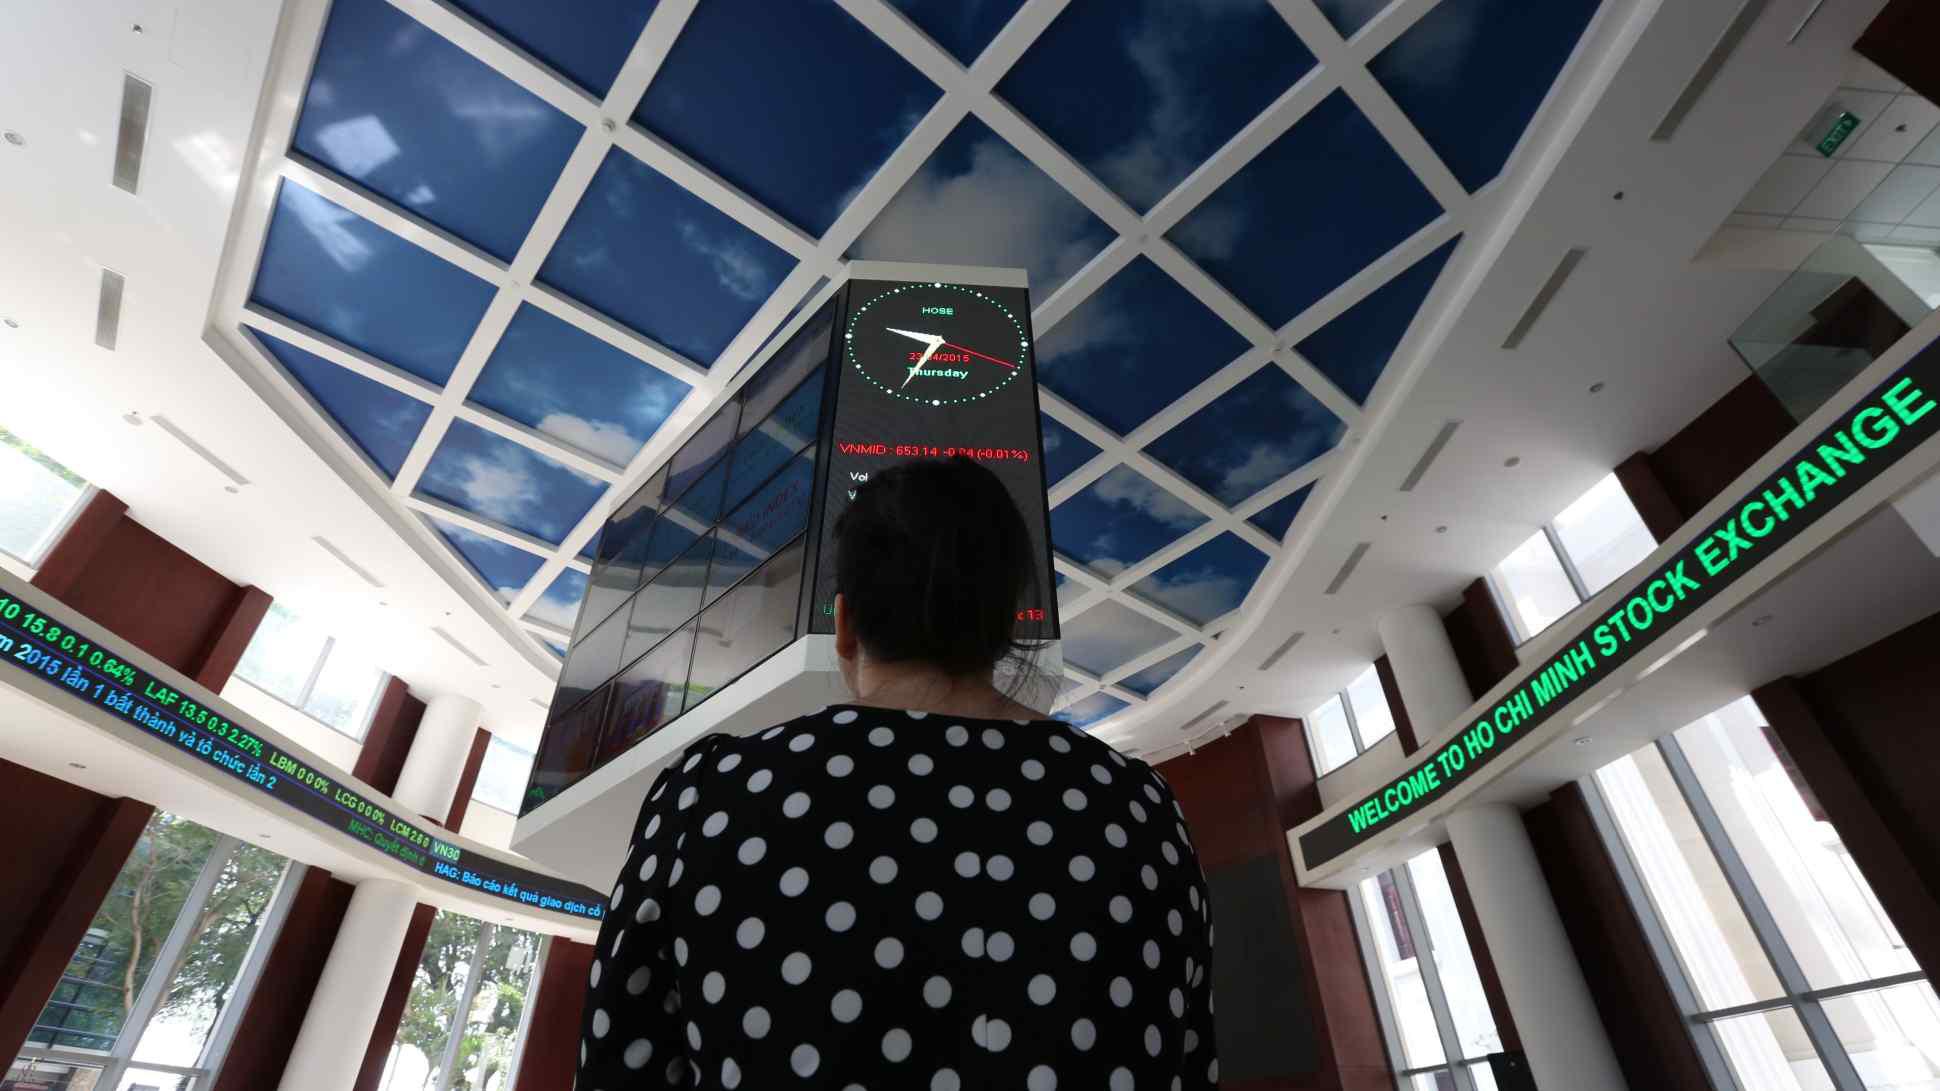 Nikkei: Lãi suất tiết kiệm thấp thúc đẩy sốt chứng khoán ở Việt Nam - Ảnh 1.